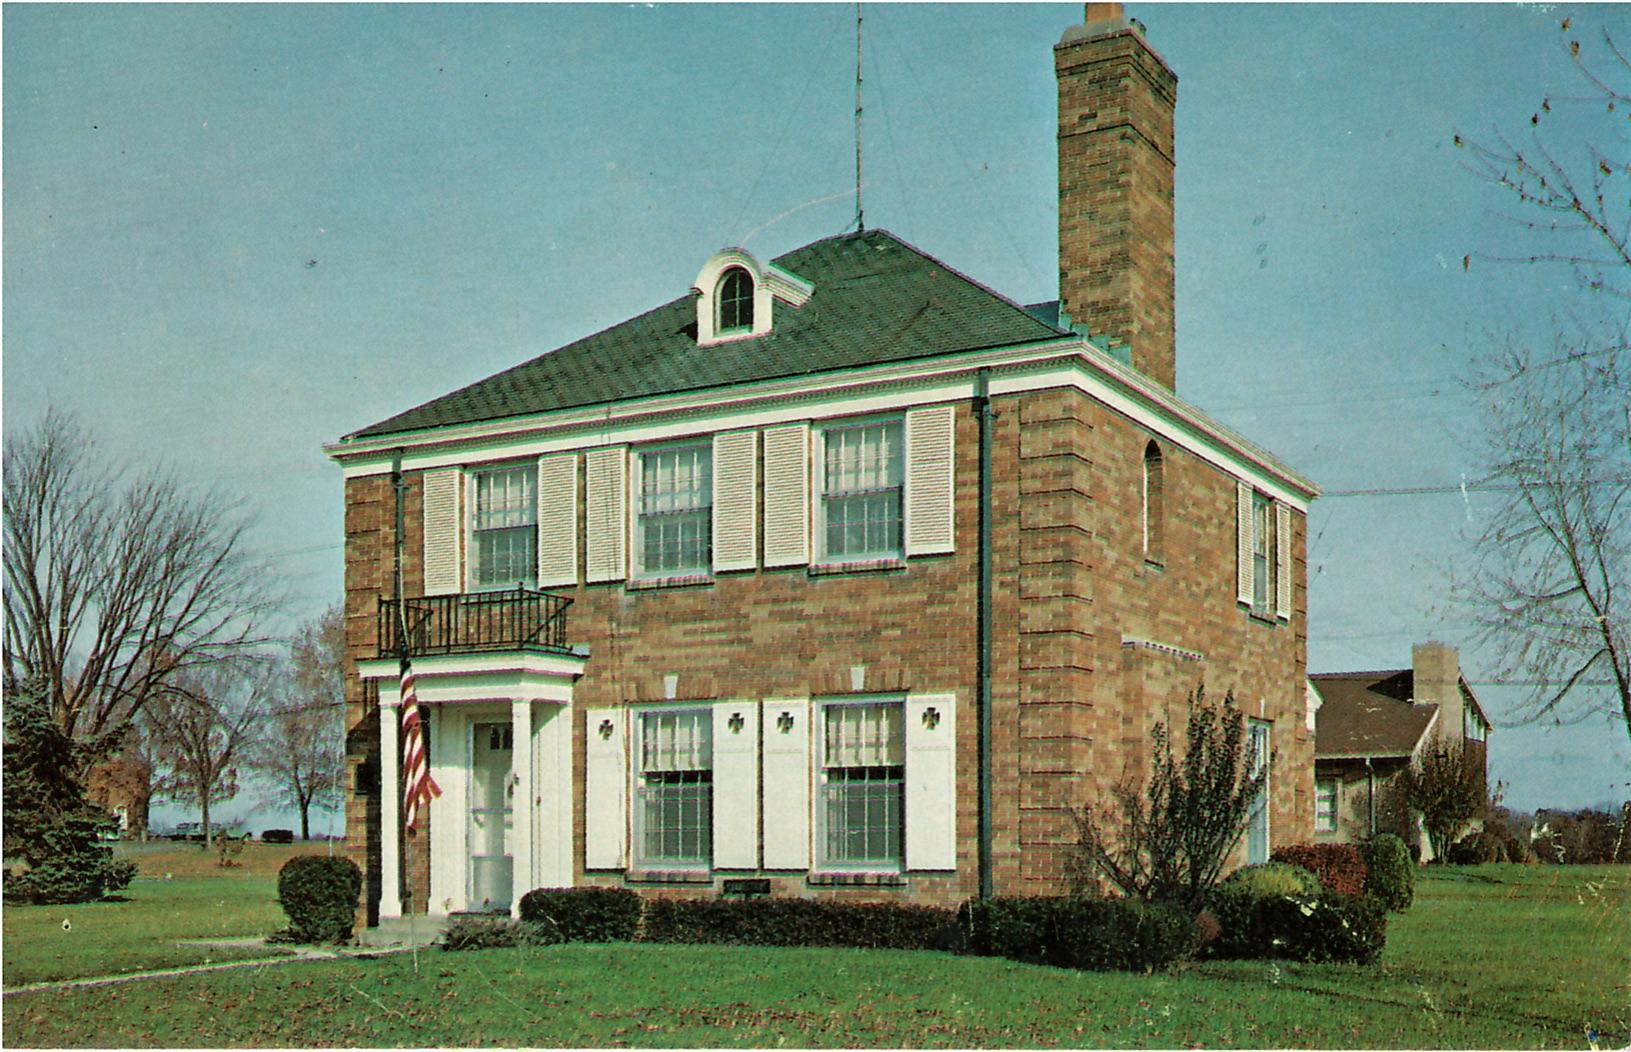 VFW Connecticut Cottage